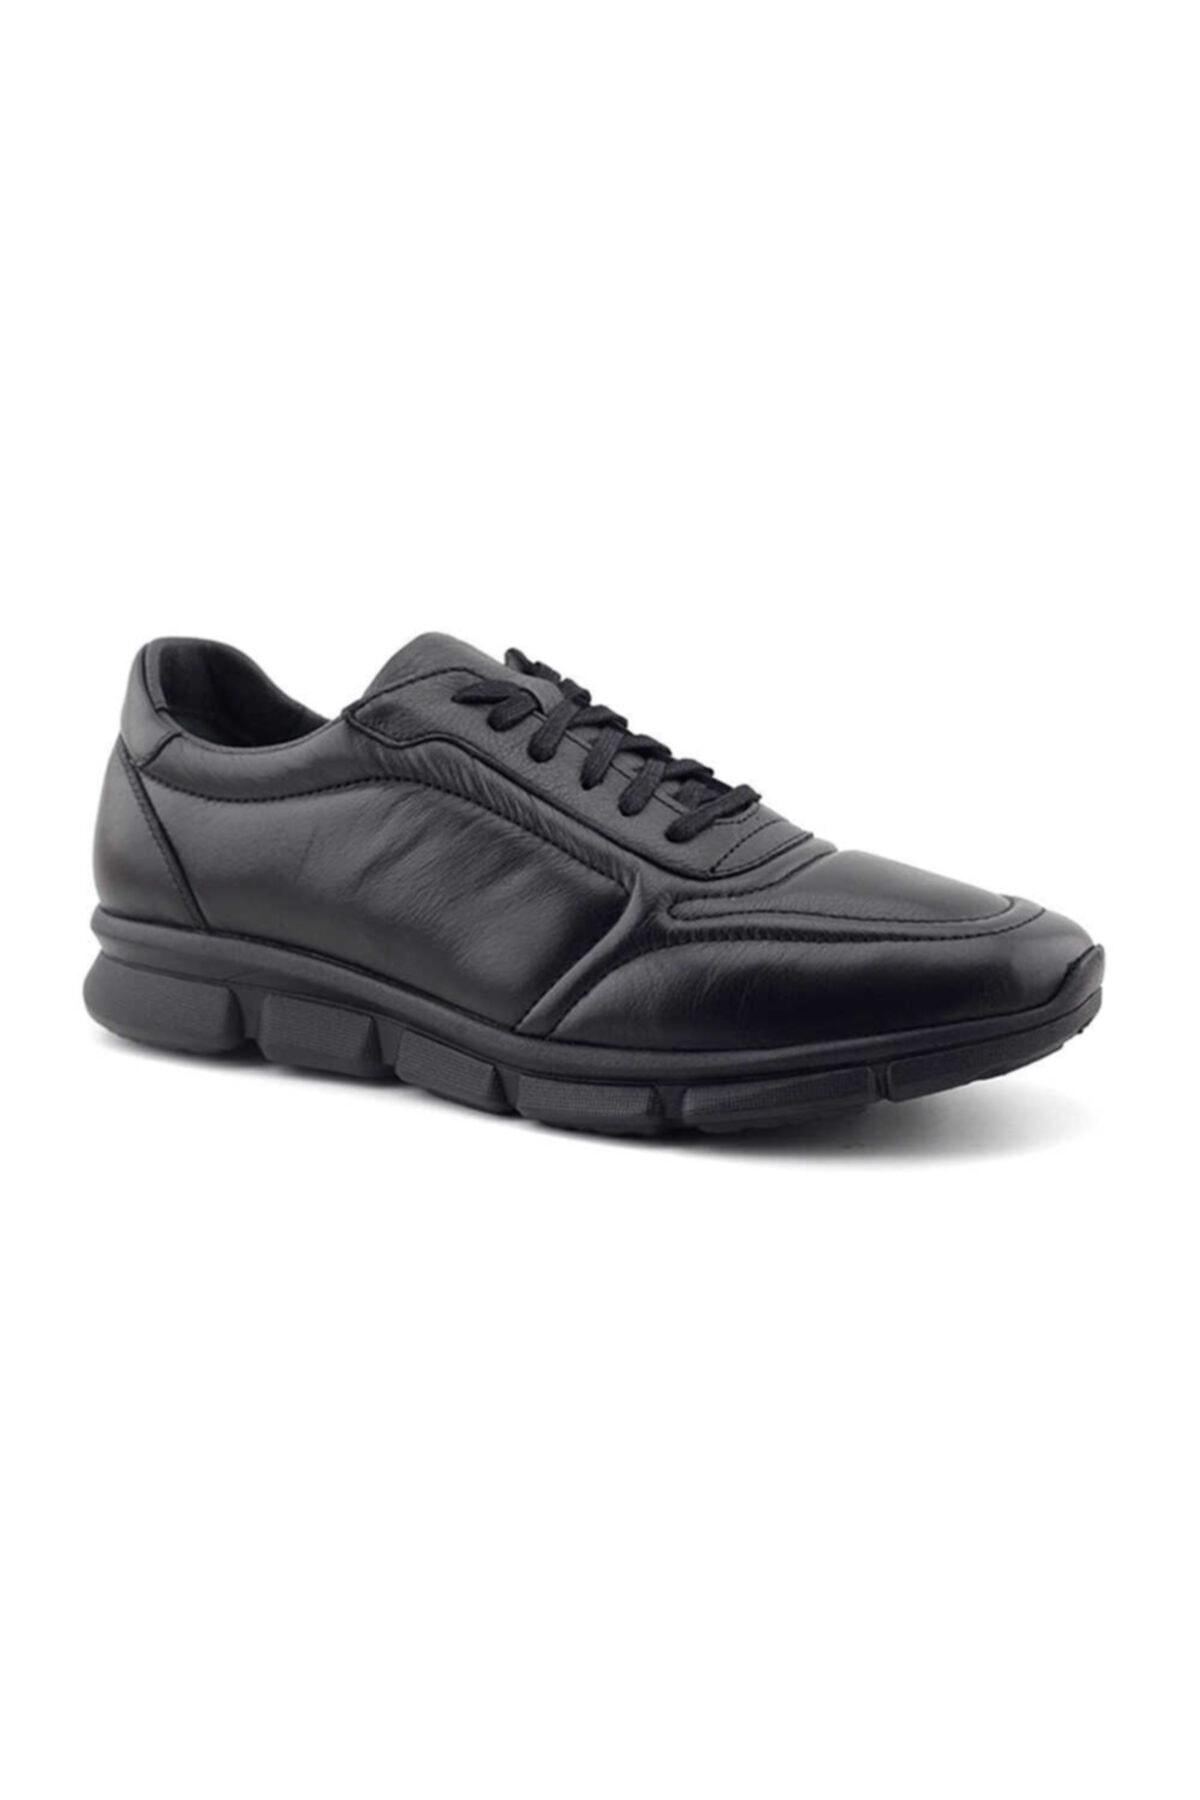 Kayra Chic Foots 011 Hakiki Deri Erkek Ayakkabı-siyah 2